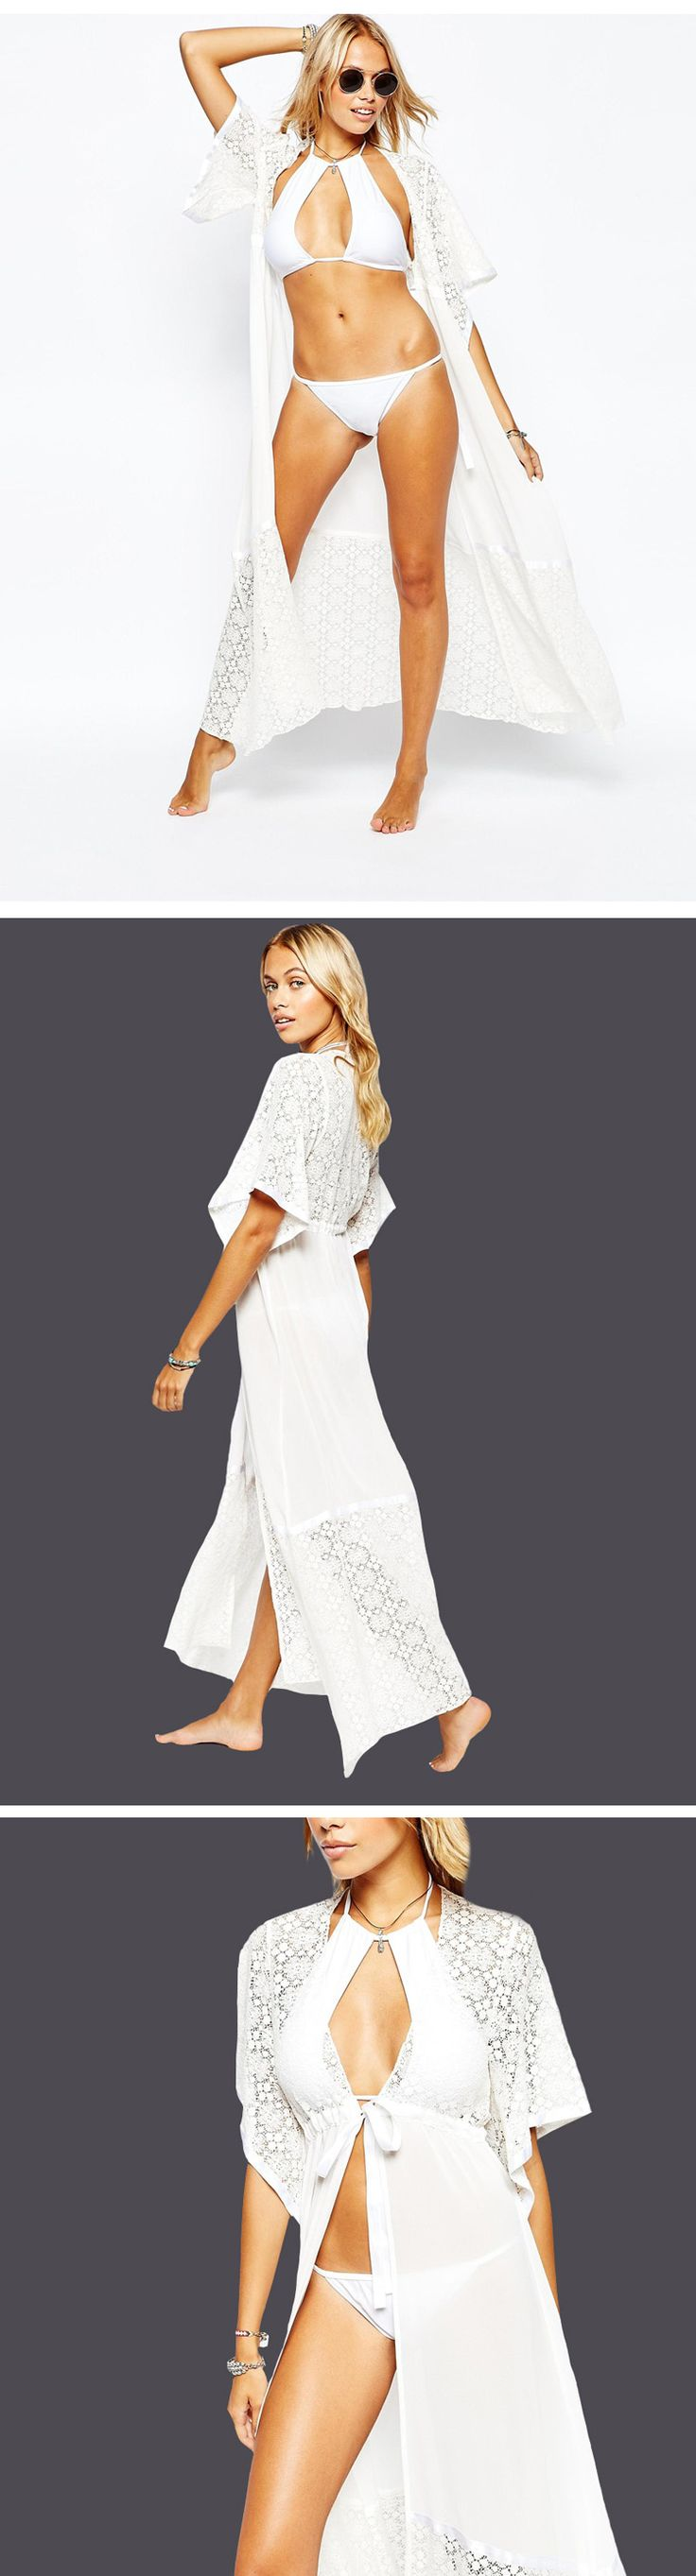 Новые Европейские и Американские шифон кружева dress sexy dress праздник солнцезащитный крем пляжная одежда женщин солнцезащитный крем блузка купить на AliExpress